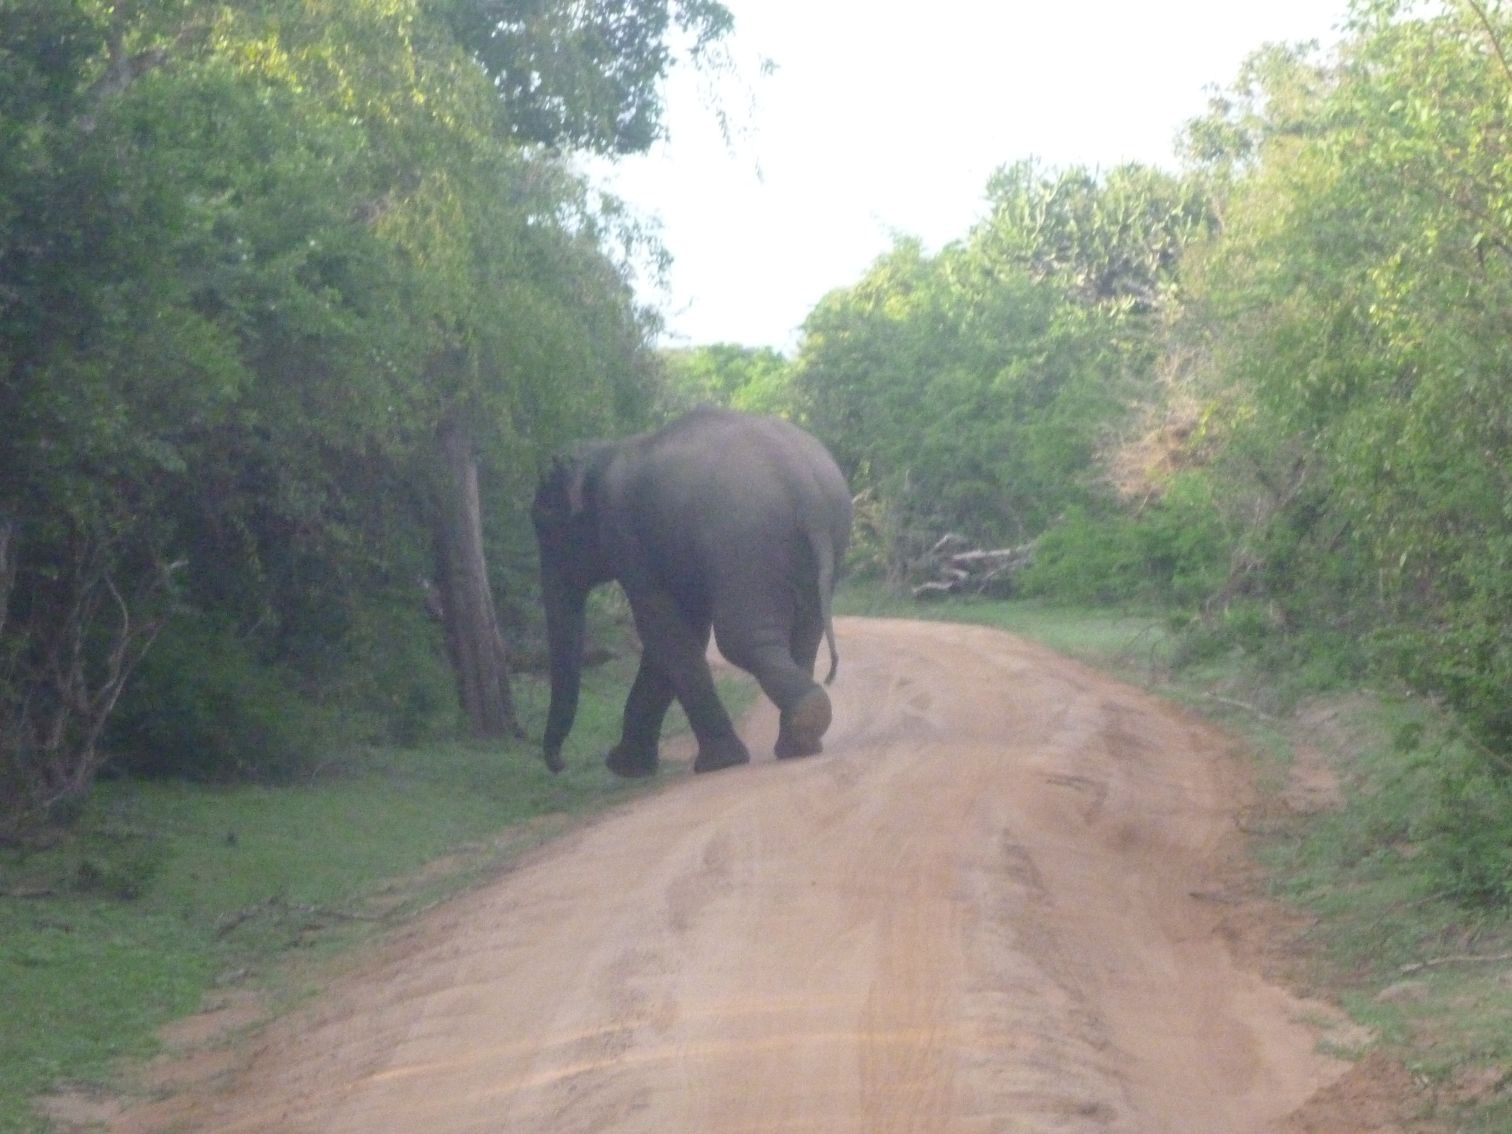 Przebiegający przez drogę parku dziki słoń